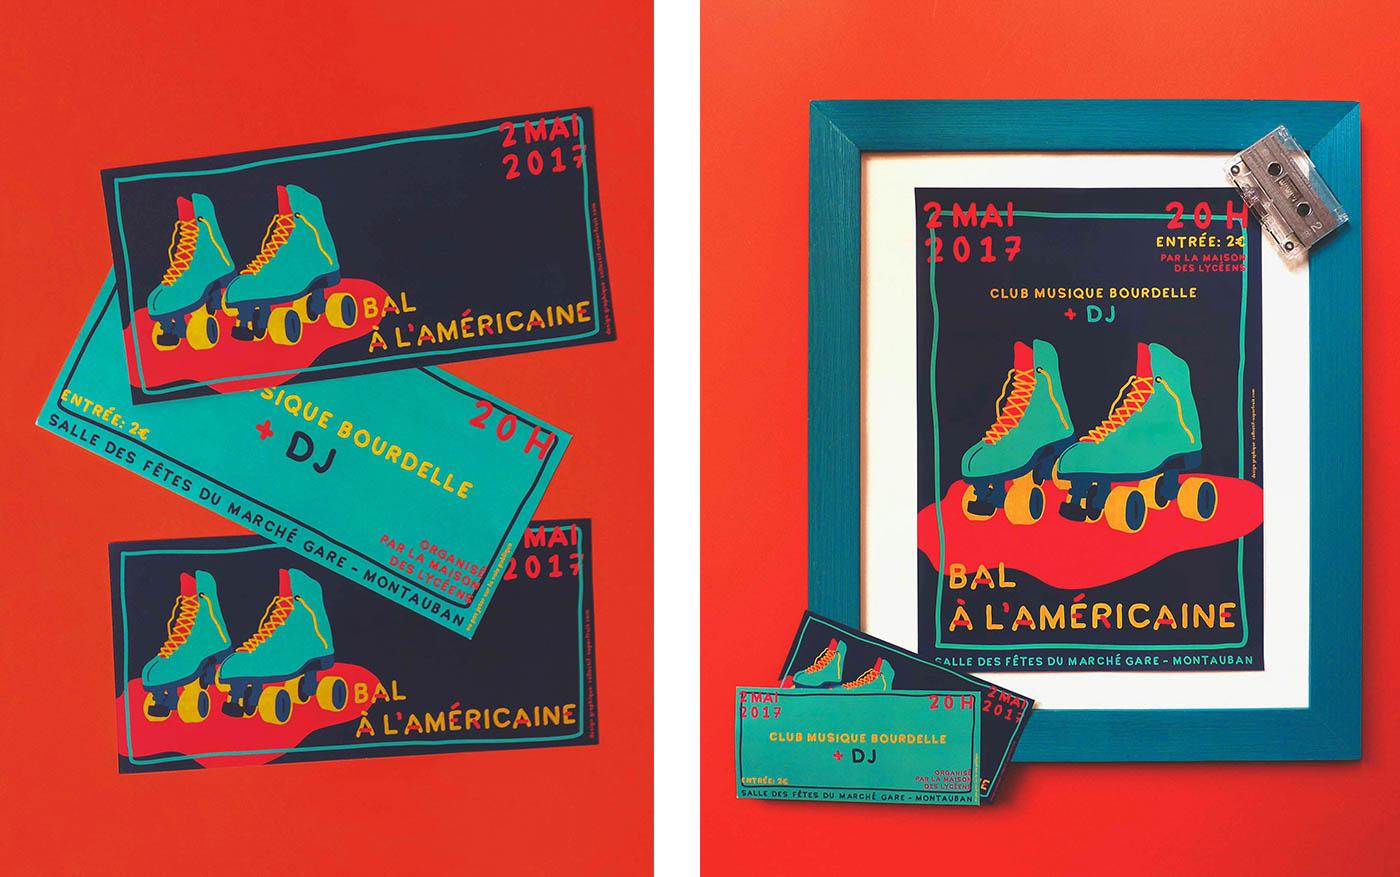 Affiche et flyer du lycée Bourdelle pour la soirée bal à l'américaine réalisés par Superfruit